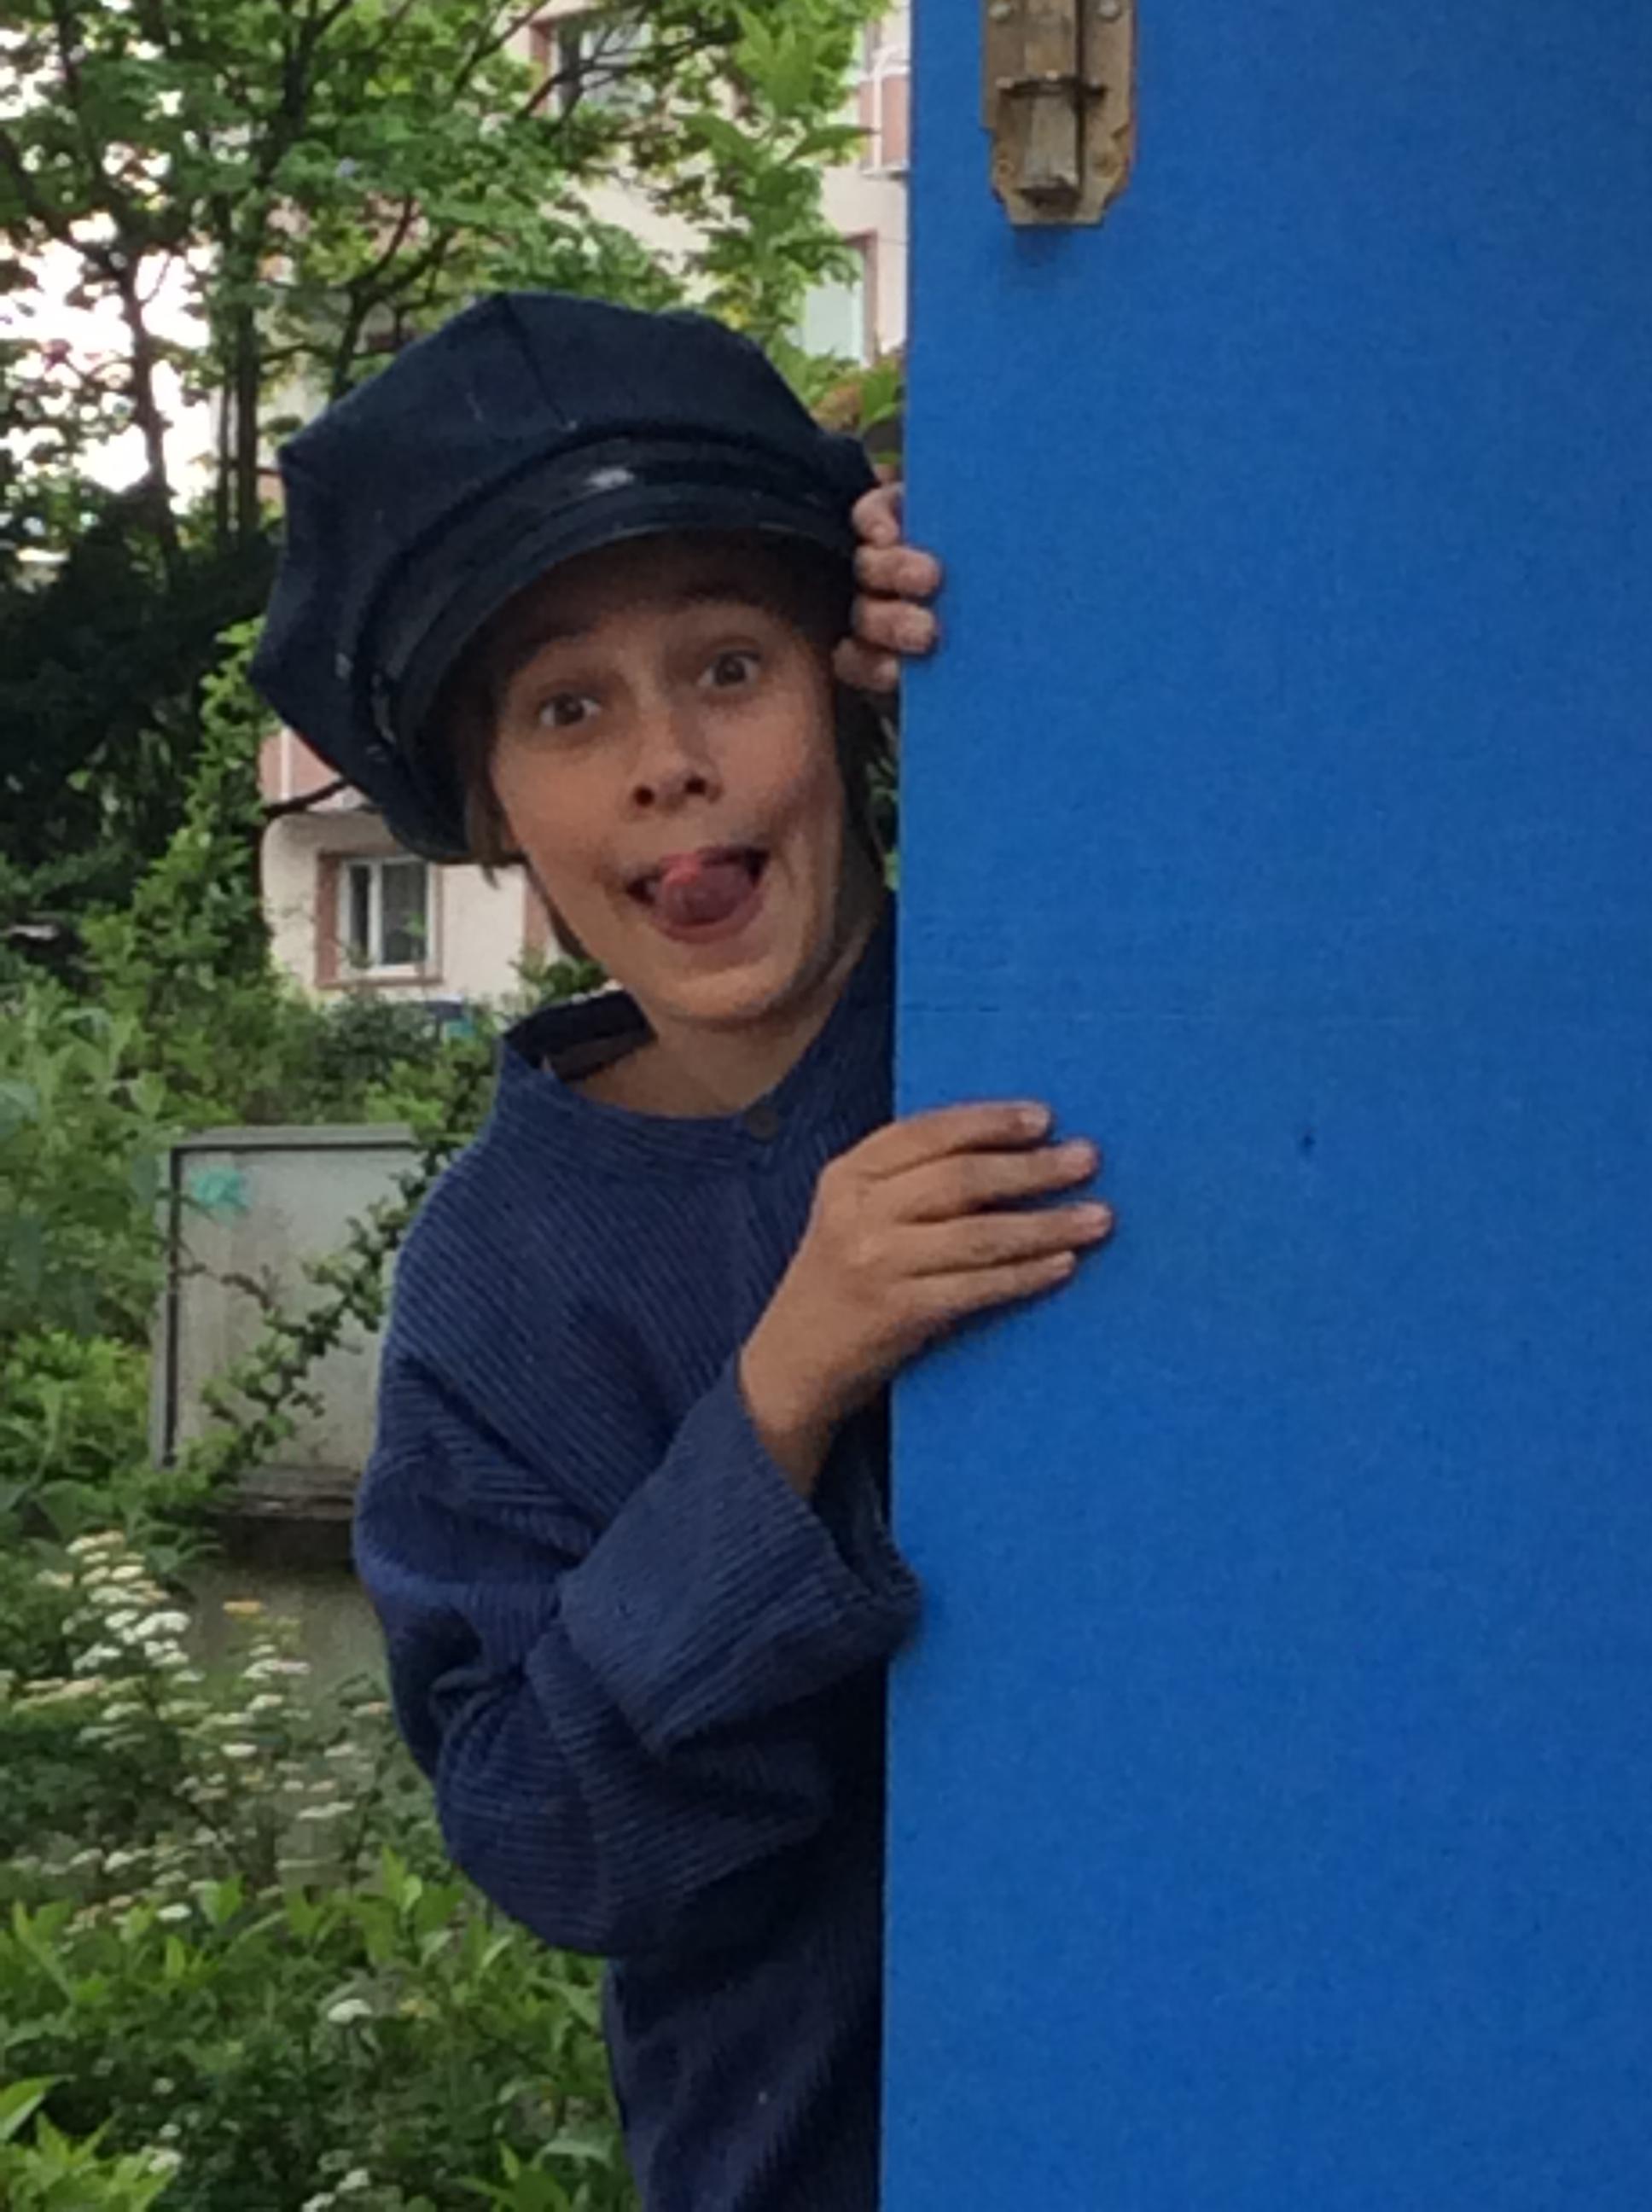 Kindertheater Hopjes: Immer dieser Michel (Schulvorstellung) 9:00 und 11:00